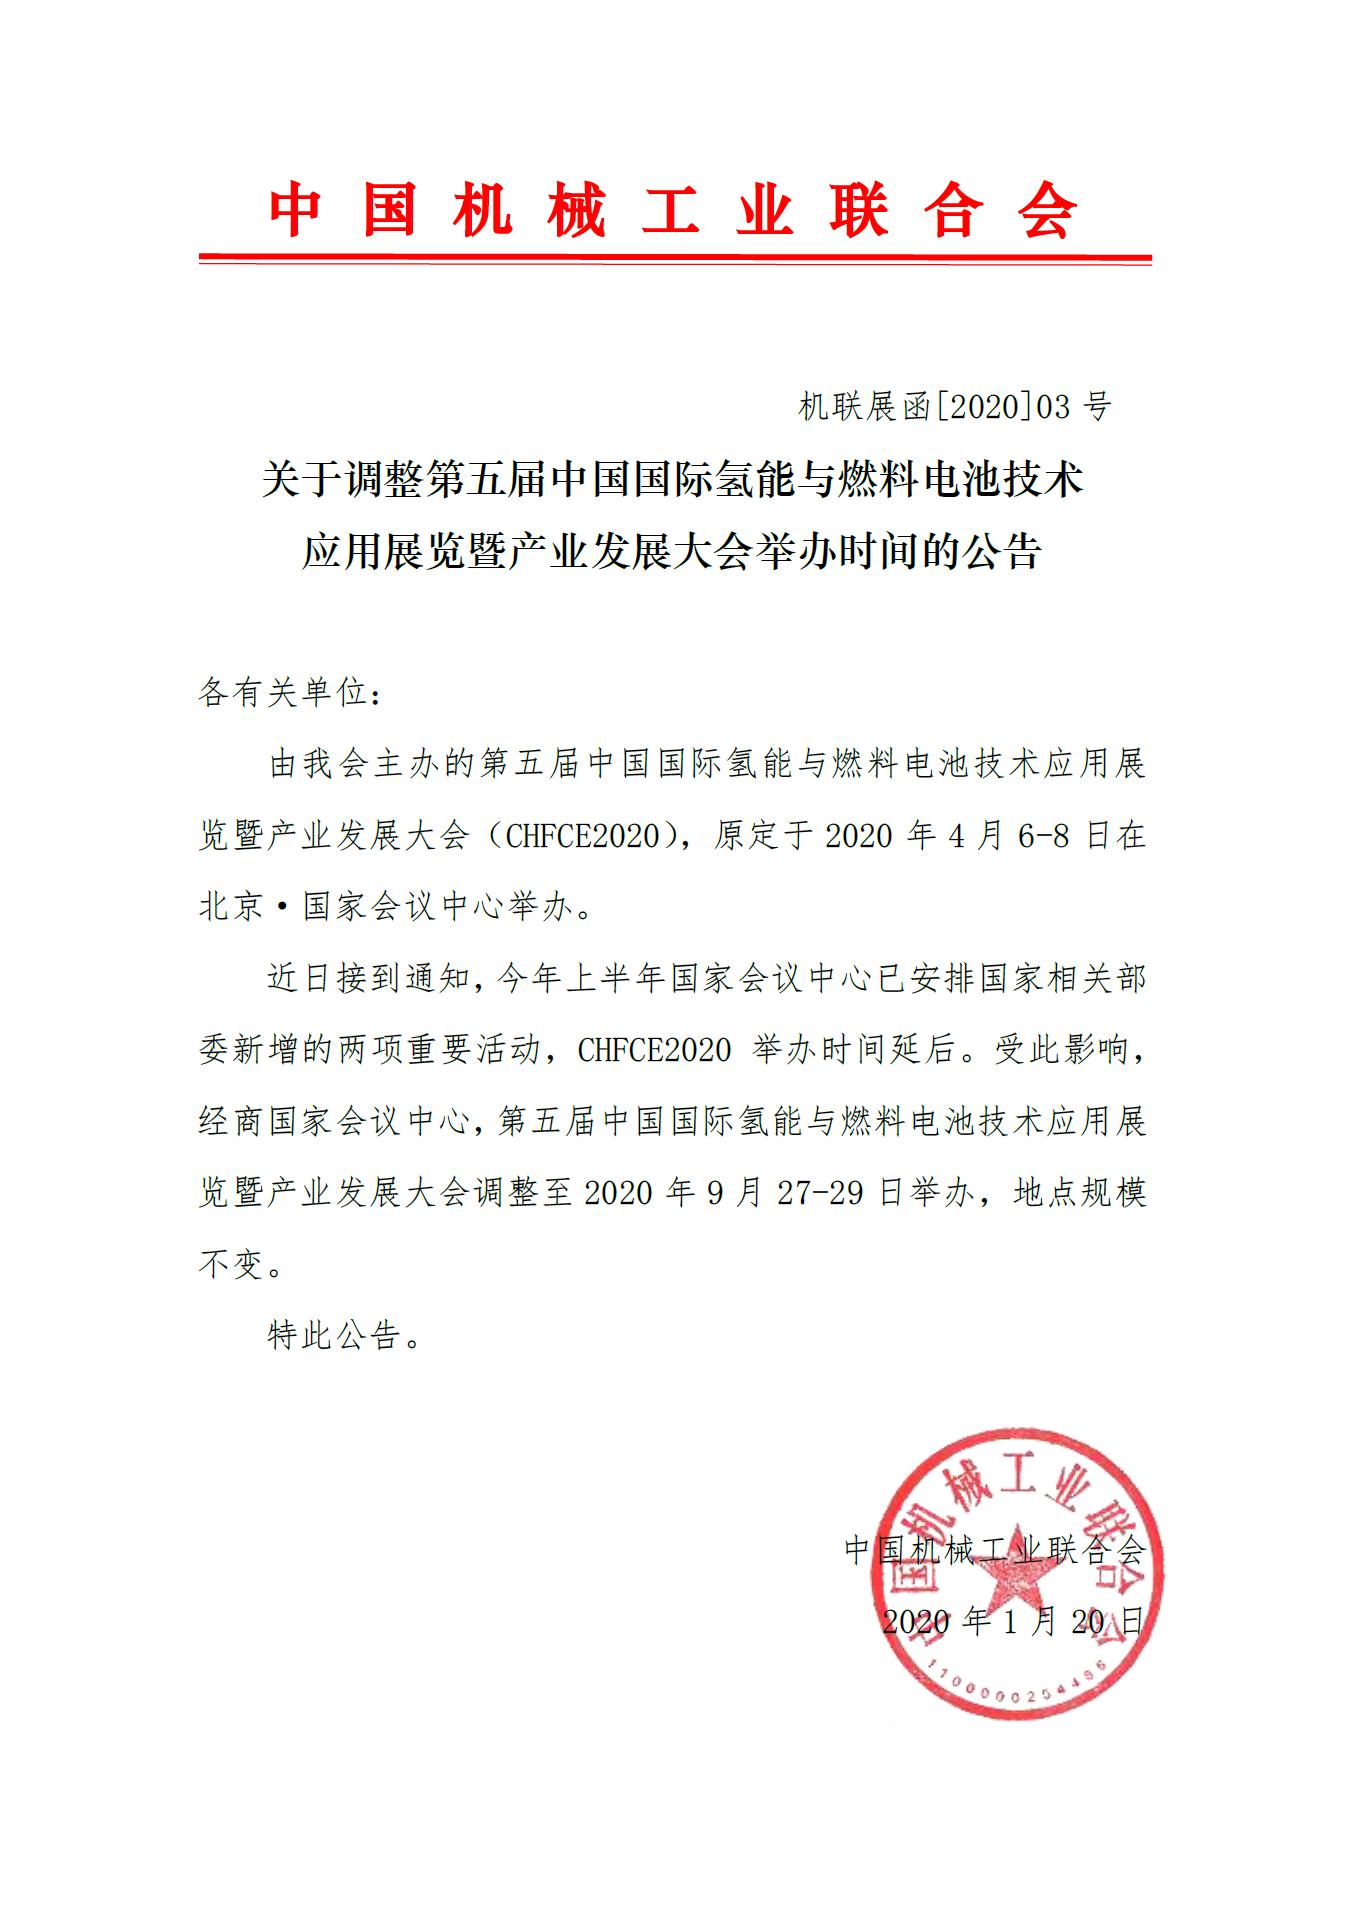 关于调整第五届中国国际氢能与燃料电池技术-中文20200120.png